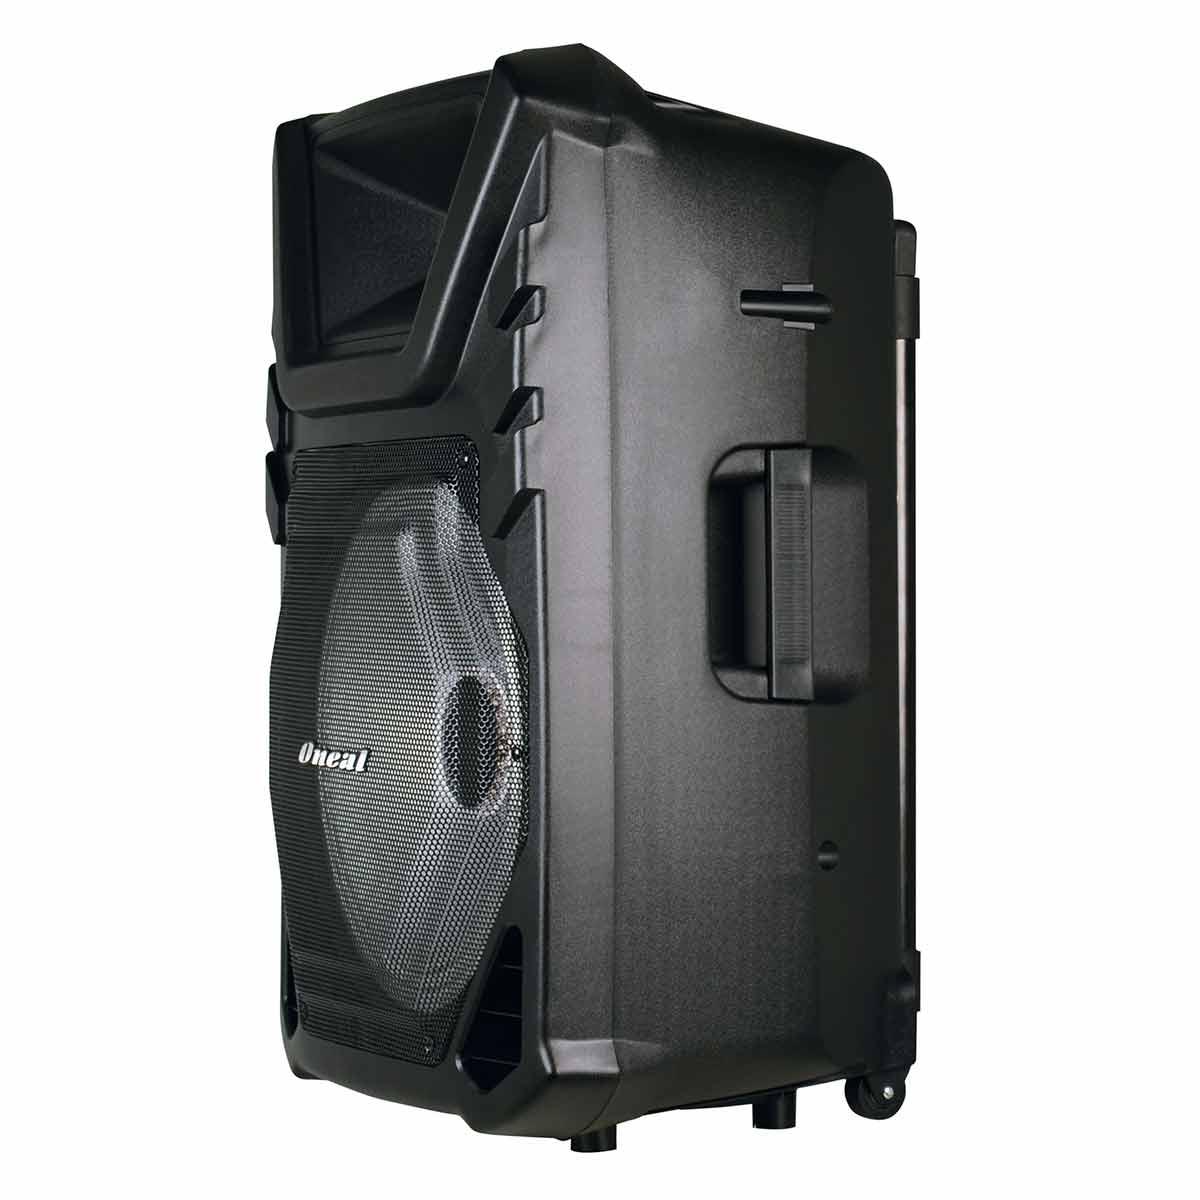 Caixa Portátil Fal 15 Pol 120W c/ USB / Bluetooth / Bateria - OMF 450 Oneal